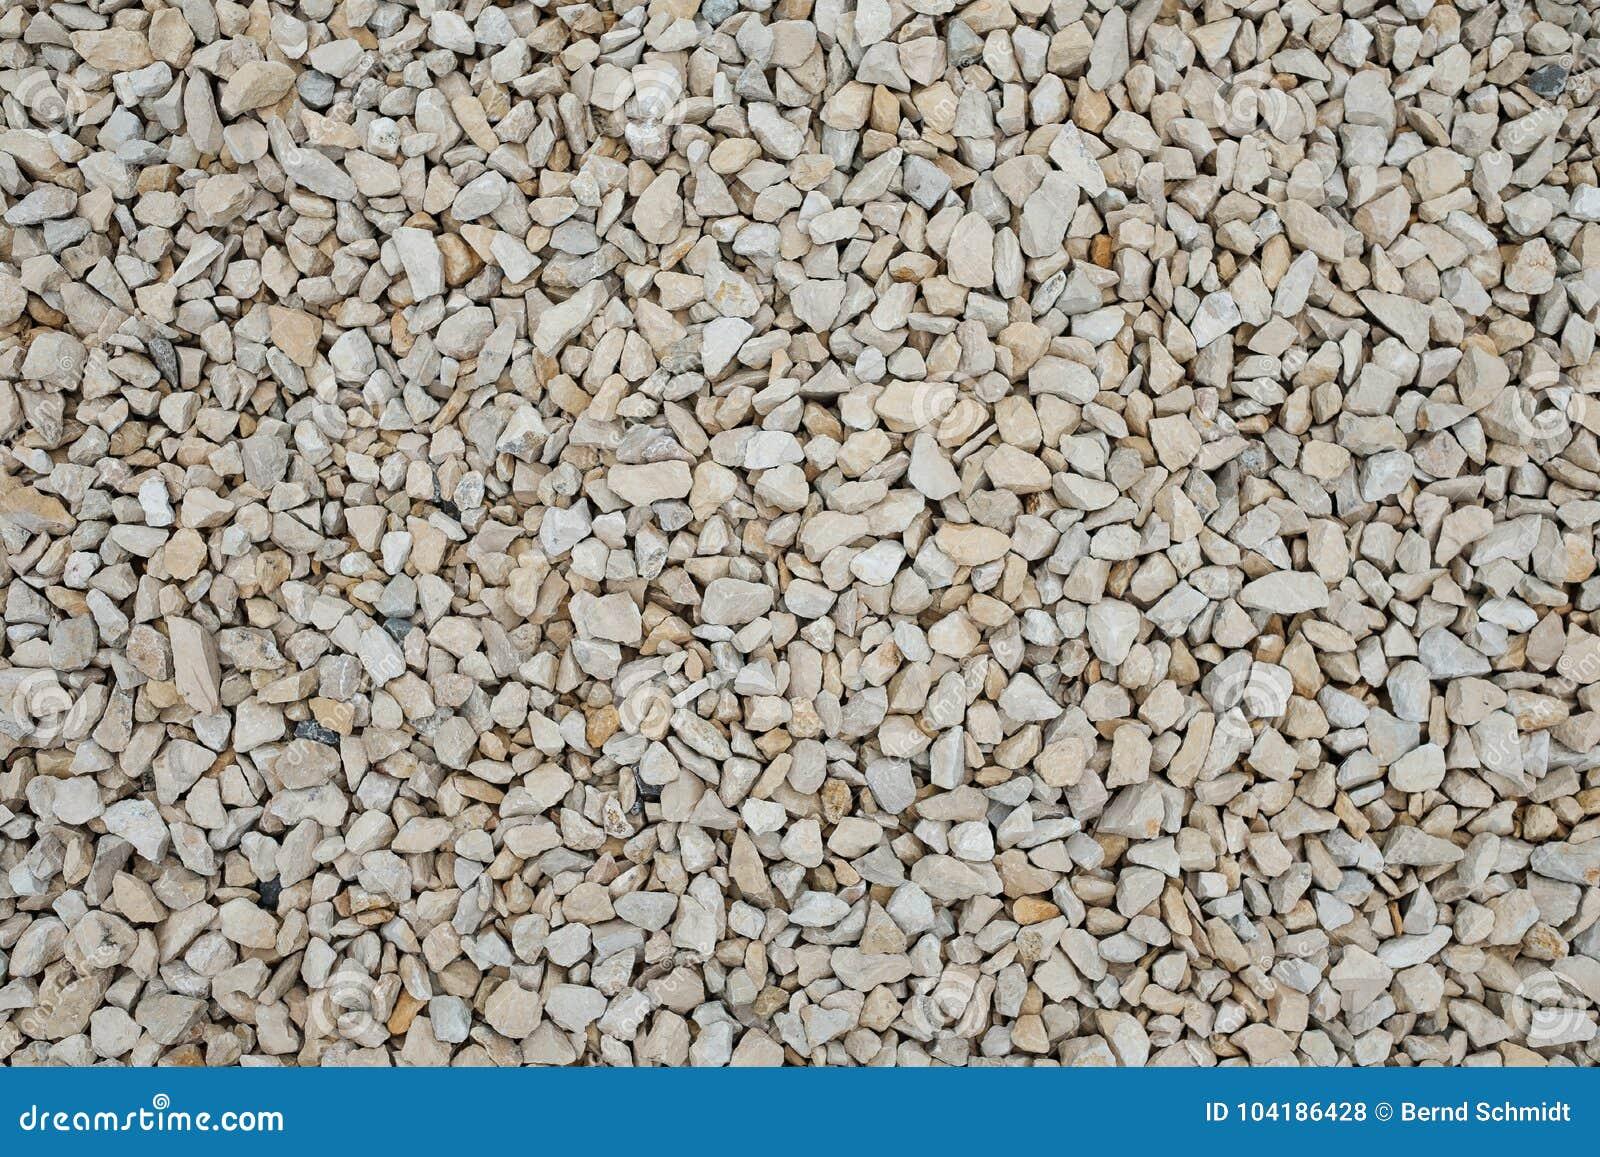 Бежевый гравий пемзы как конструкционный материал